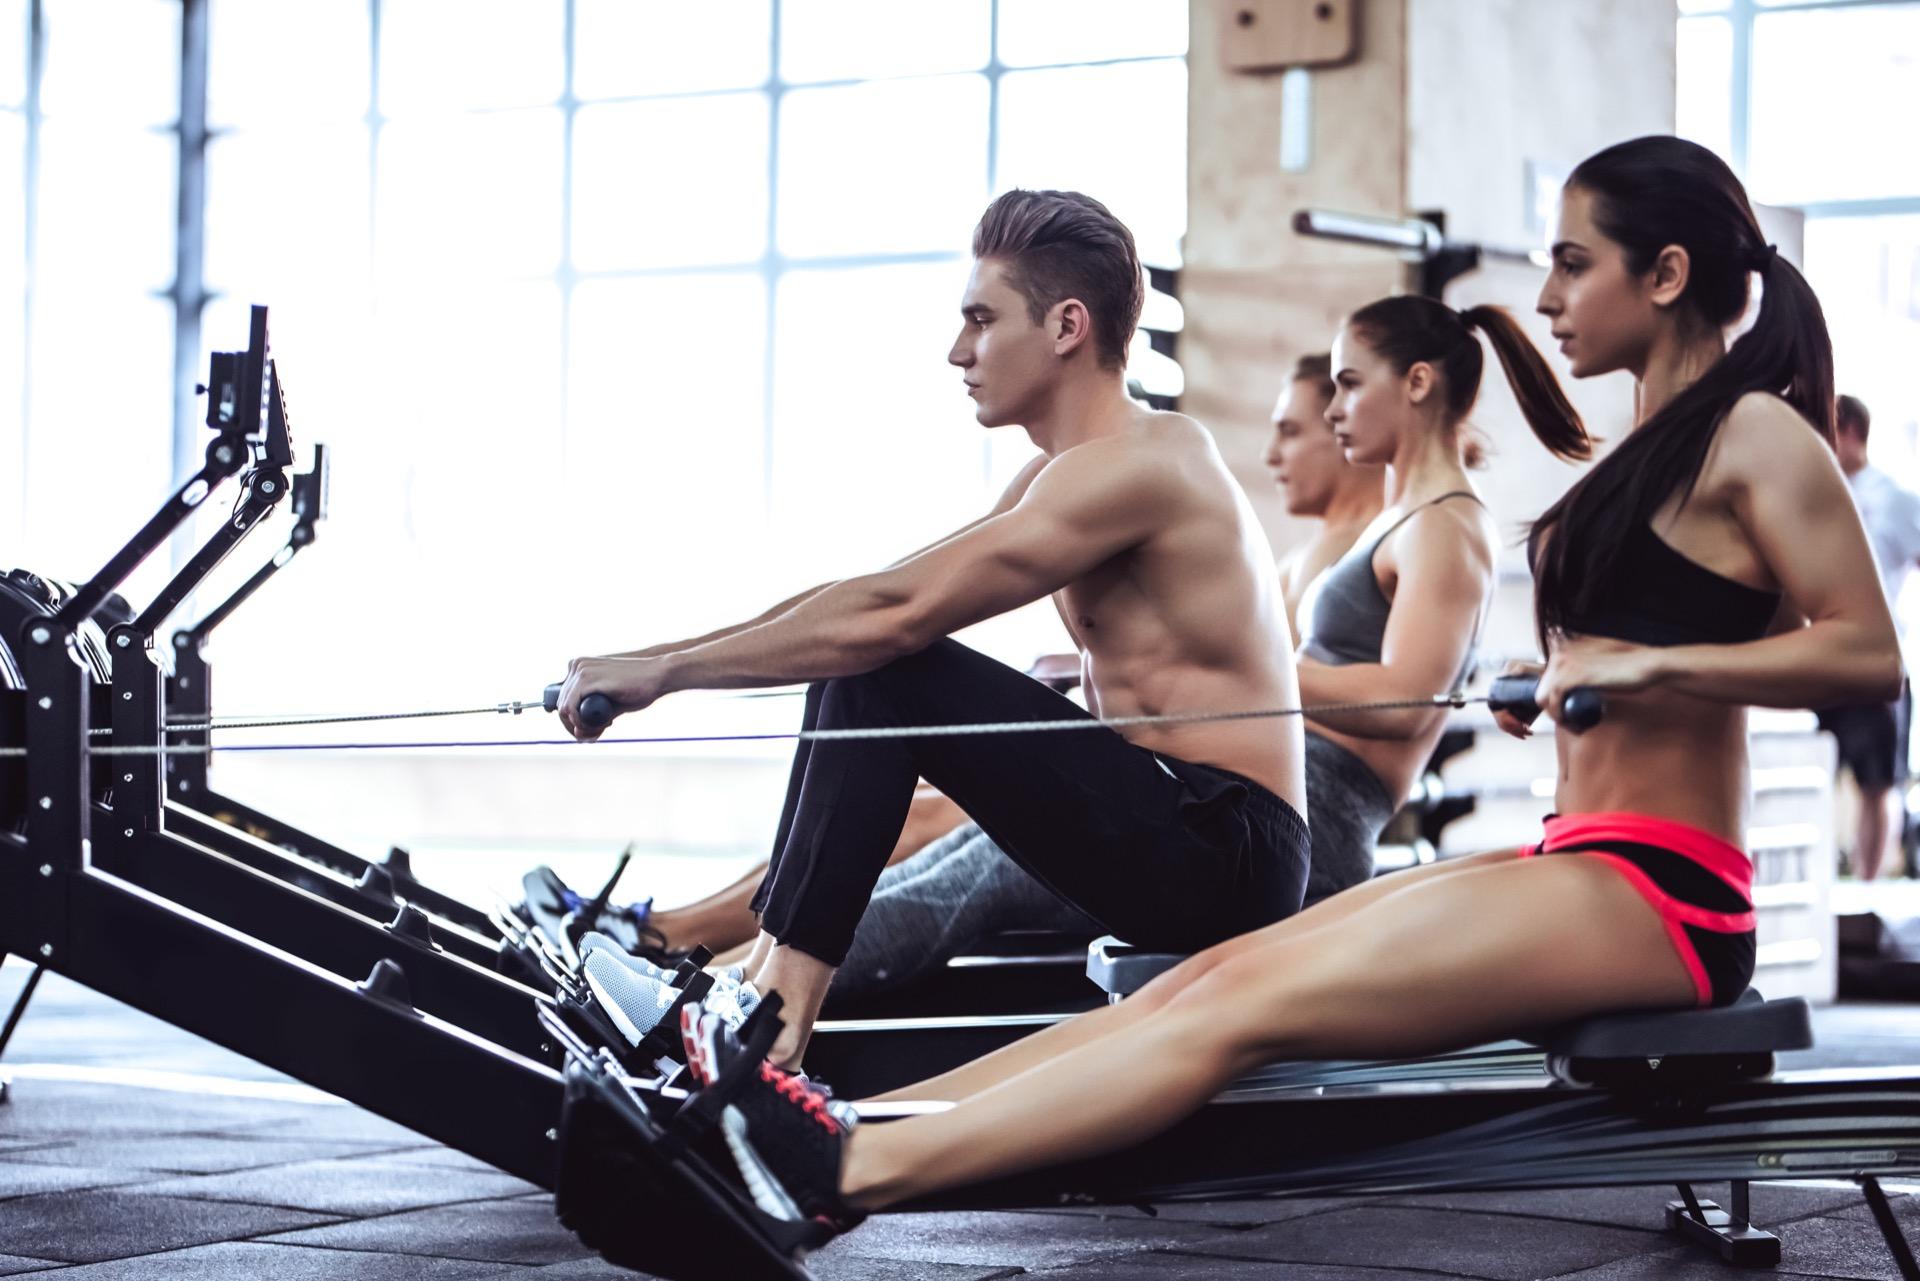 fettforbrenning trening